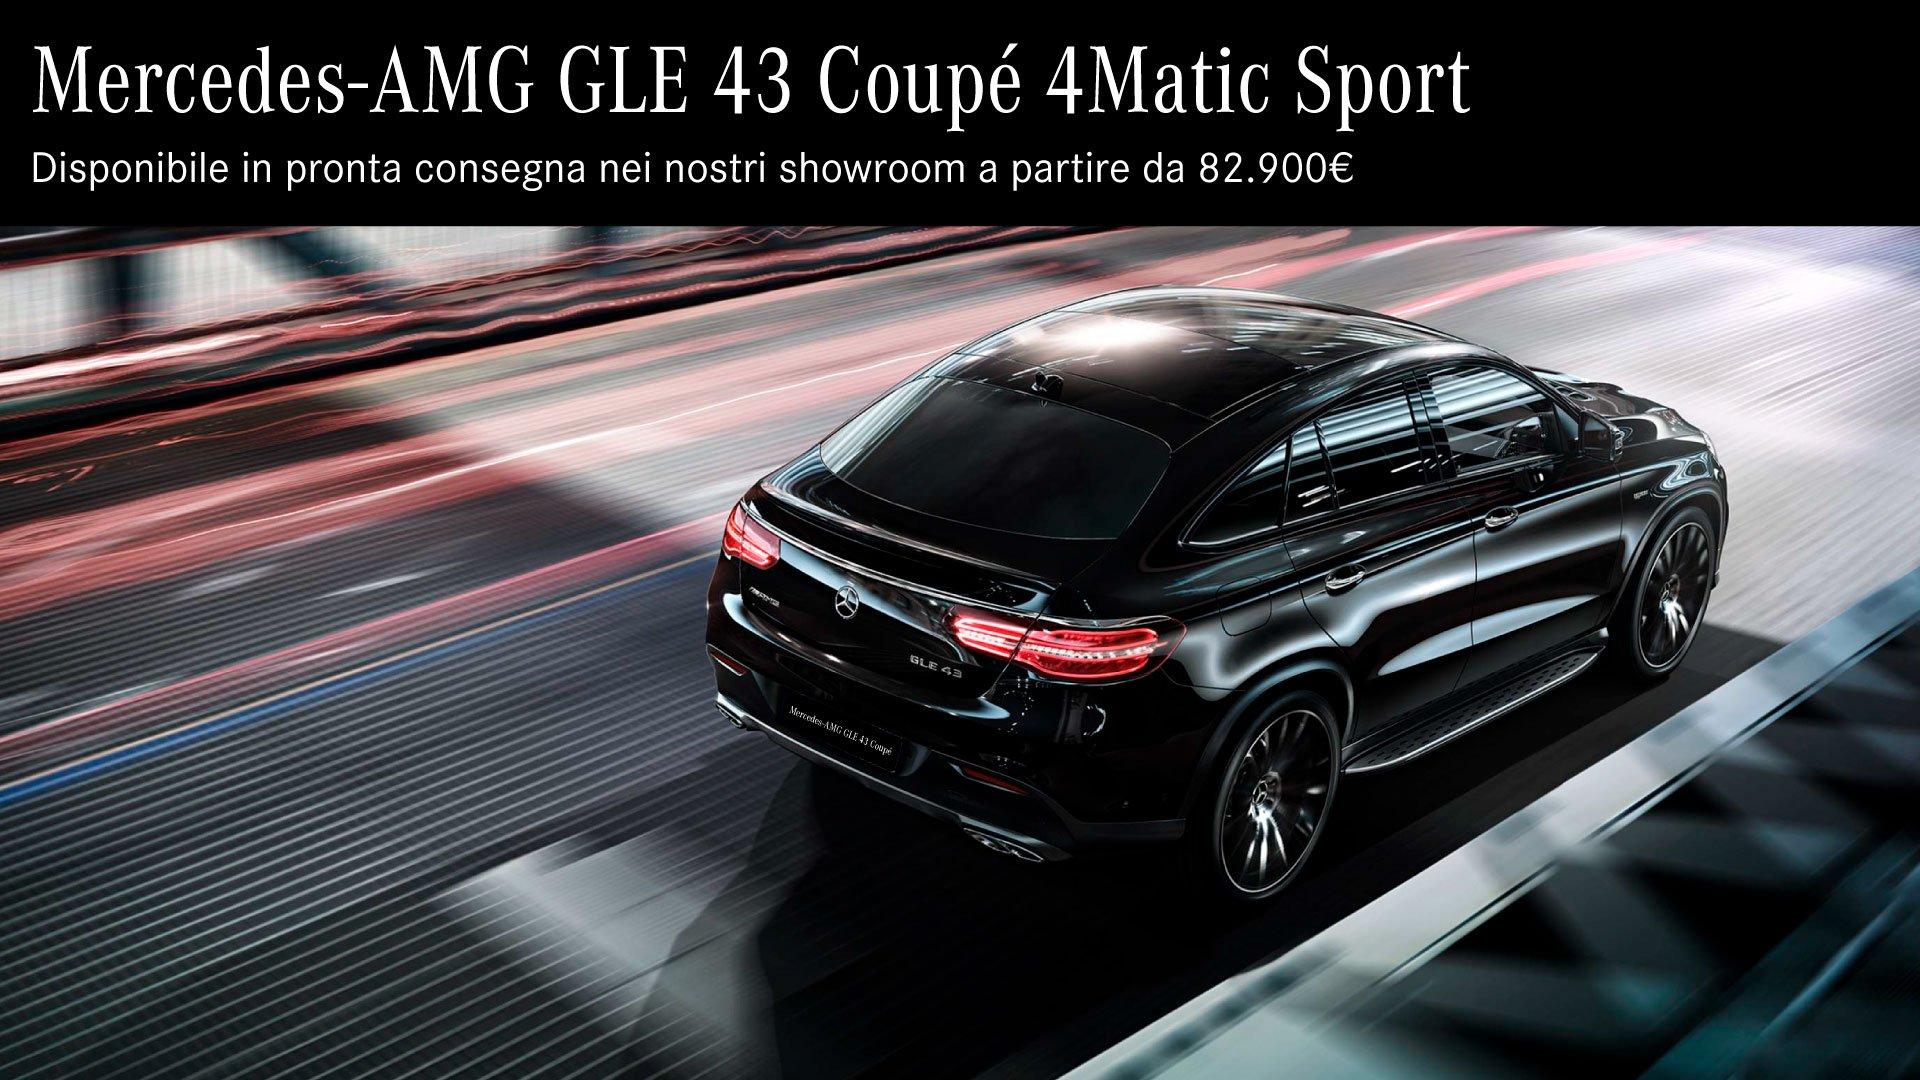 AMG GLE 43 coupé